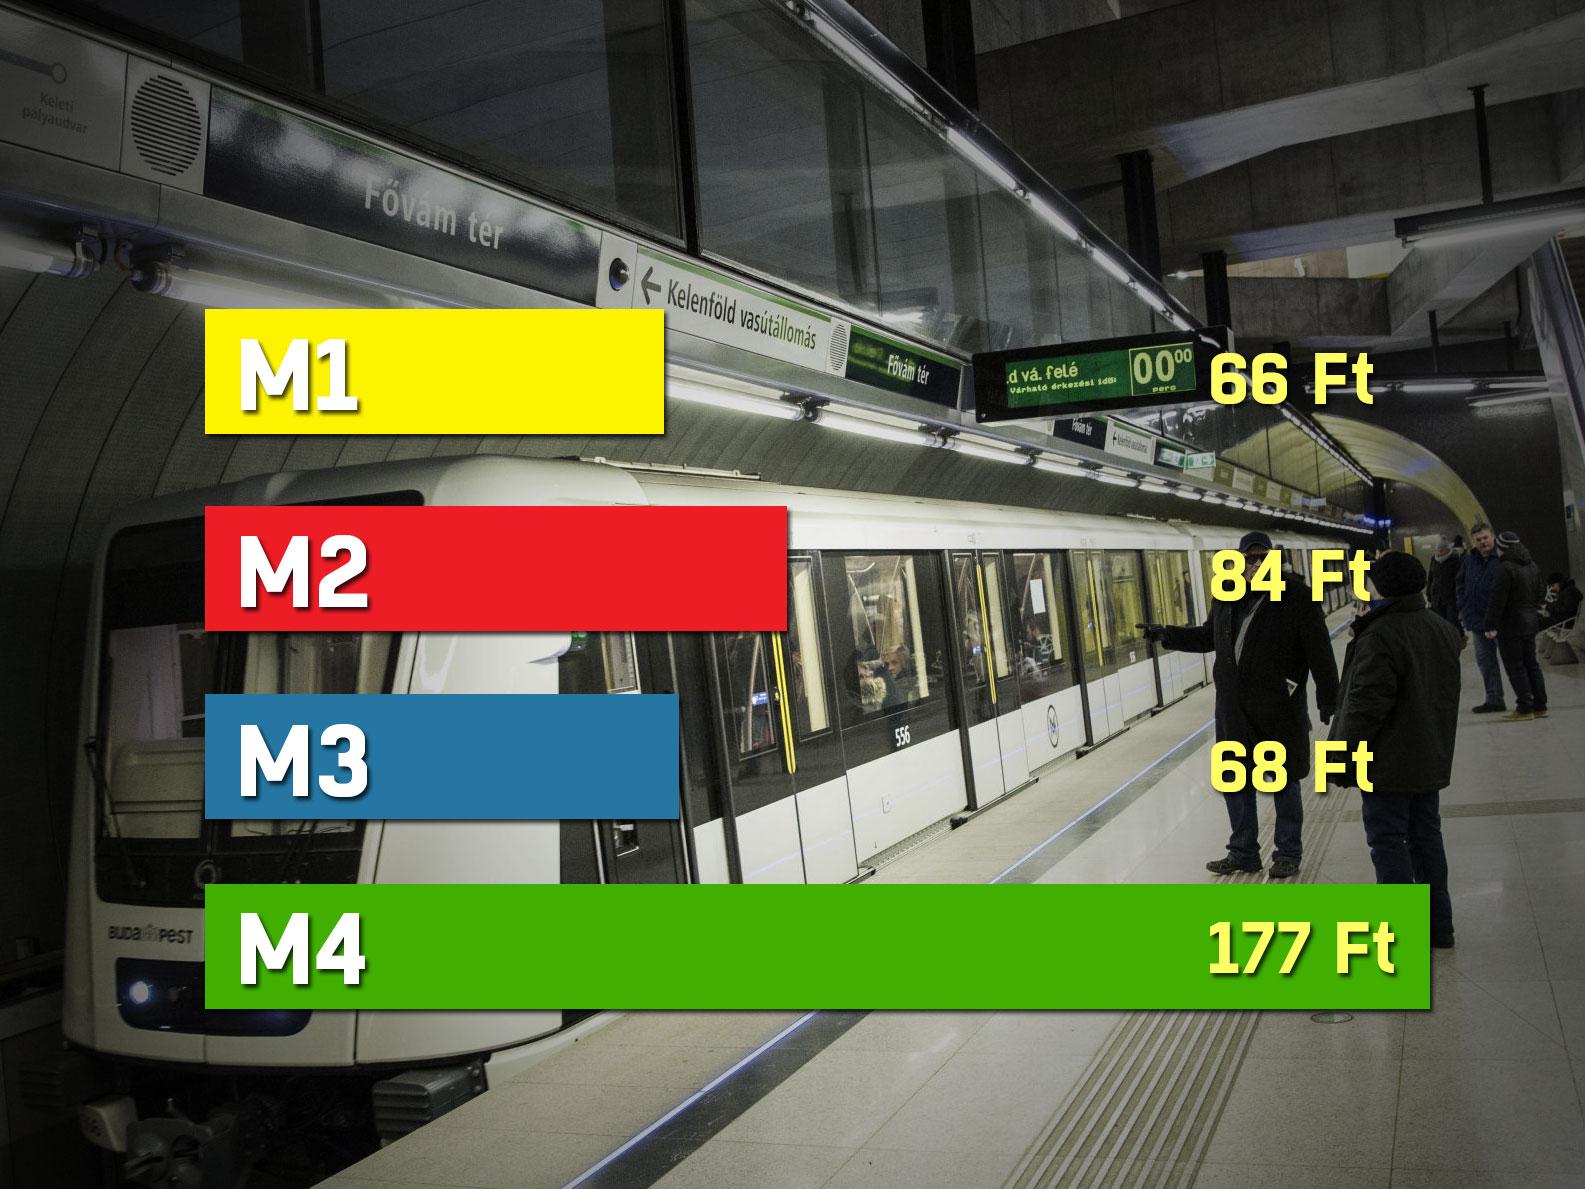 A 4-es metrón minden egyes utas 177 forintba kerül a BKV-nak - kétszer annyiba, mint a többi vonalon